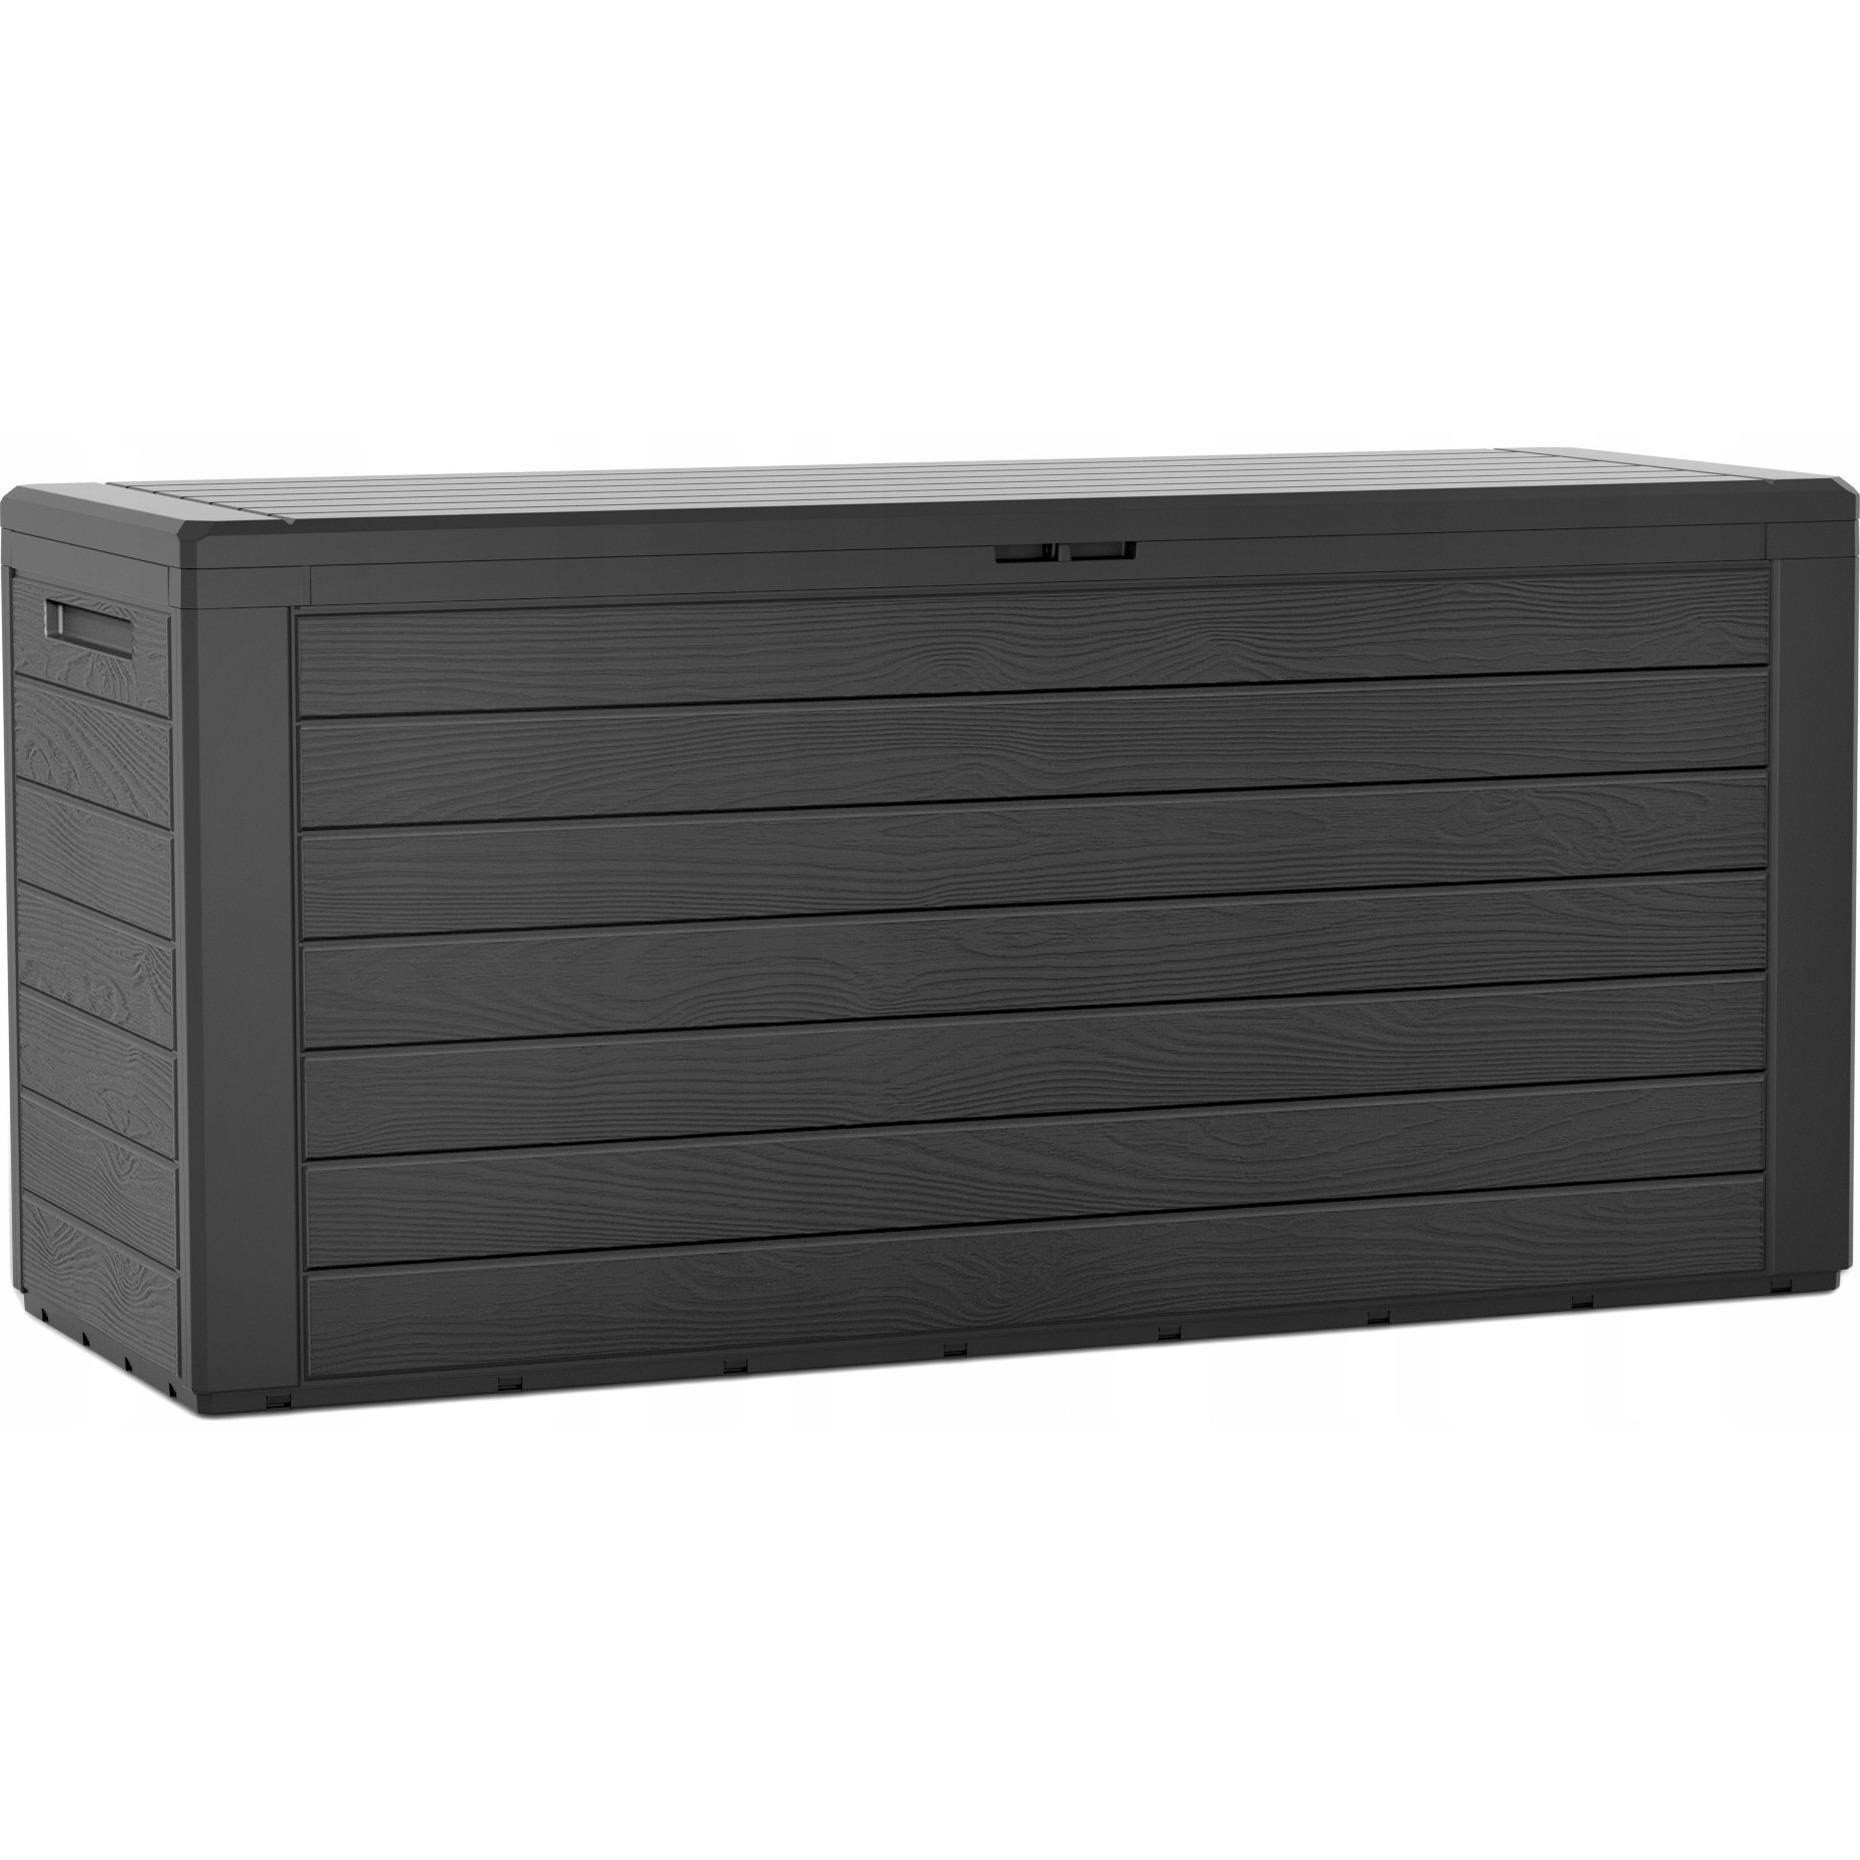 1x stuks antraciet tuinkussen box hout motief 280 liter van kunststof